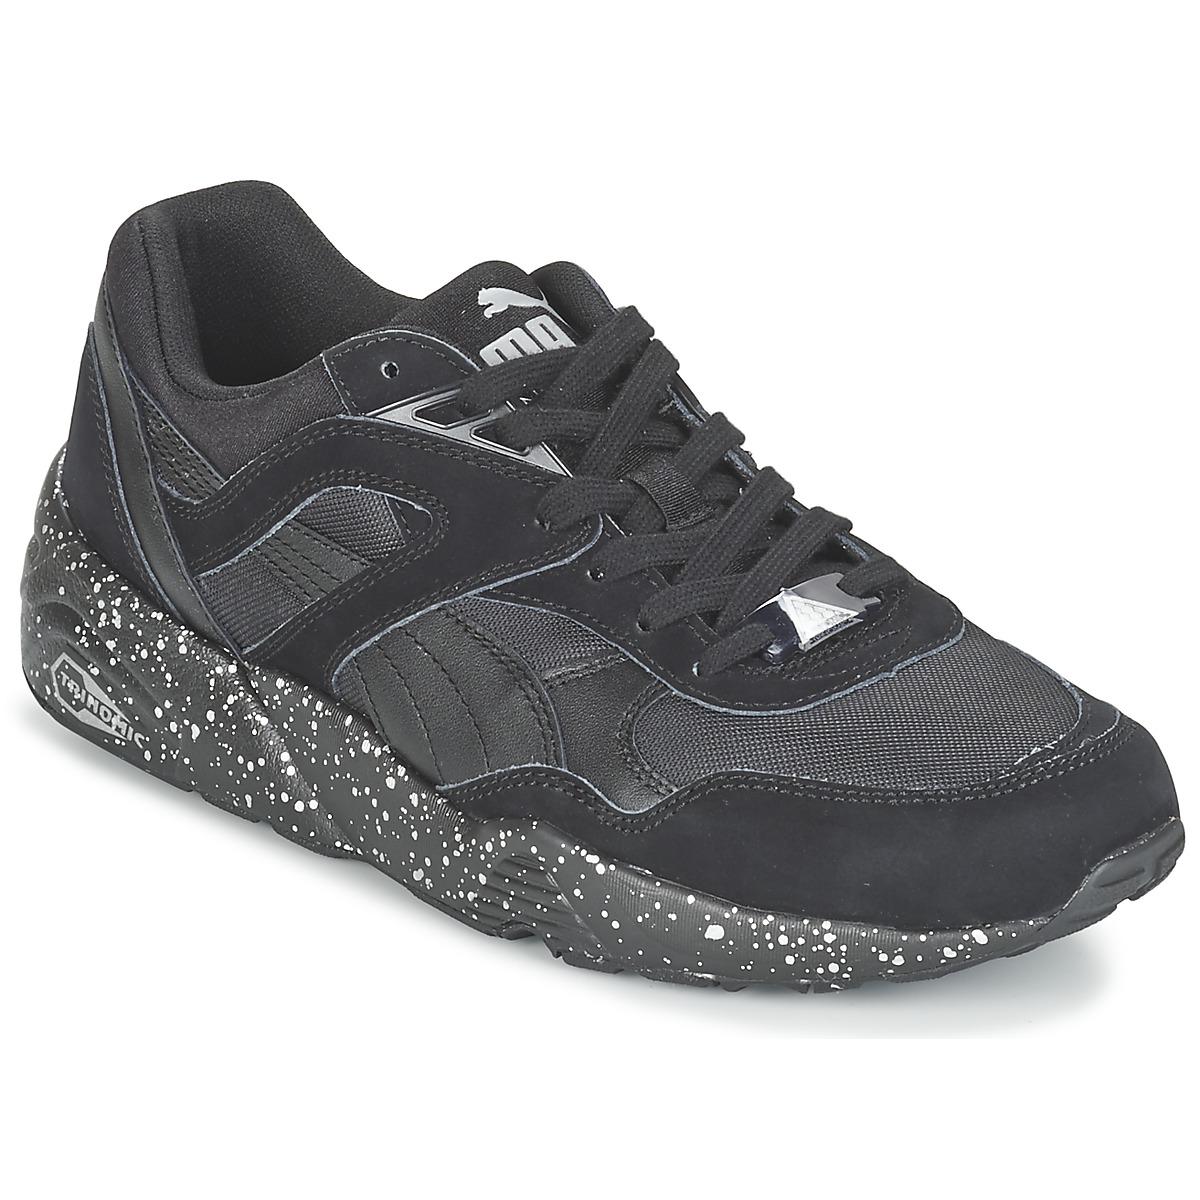 Puma R698 SPECKLE V2 Schwarz / Silbern - Kostenloser Versand bei Spartoode ! - Schuhe Sneaker Low Herren 66,49 €